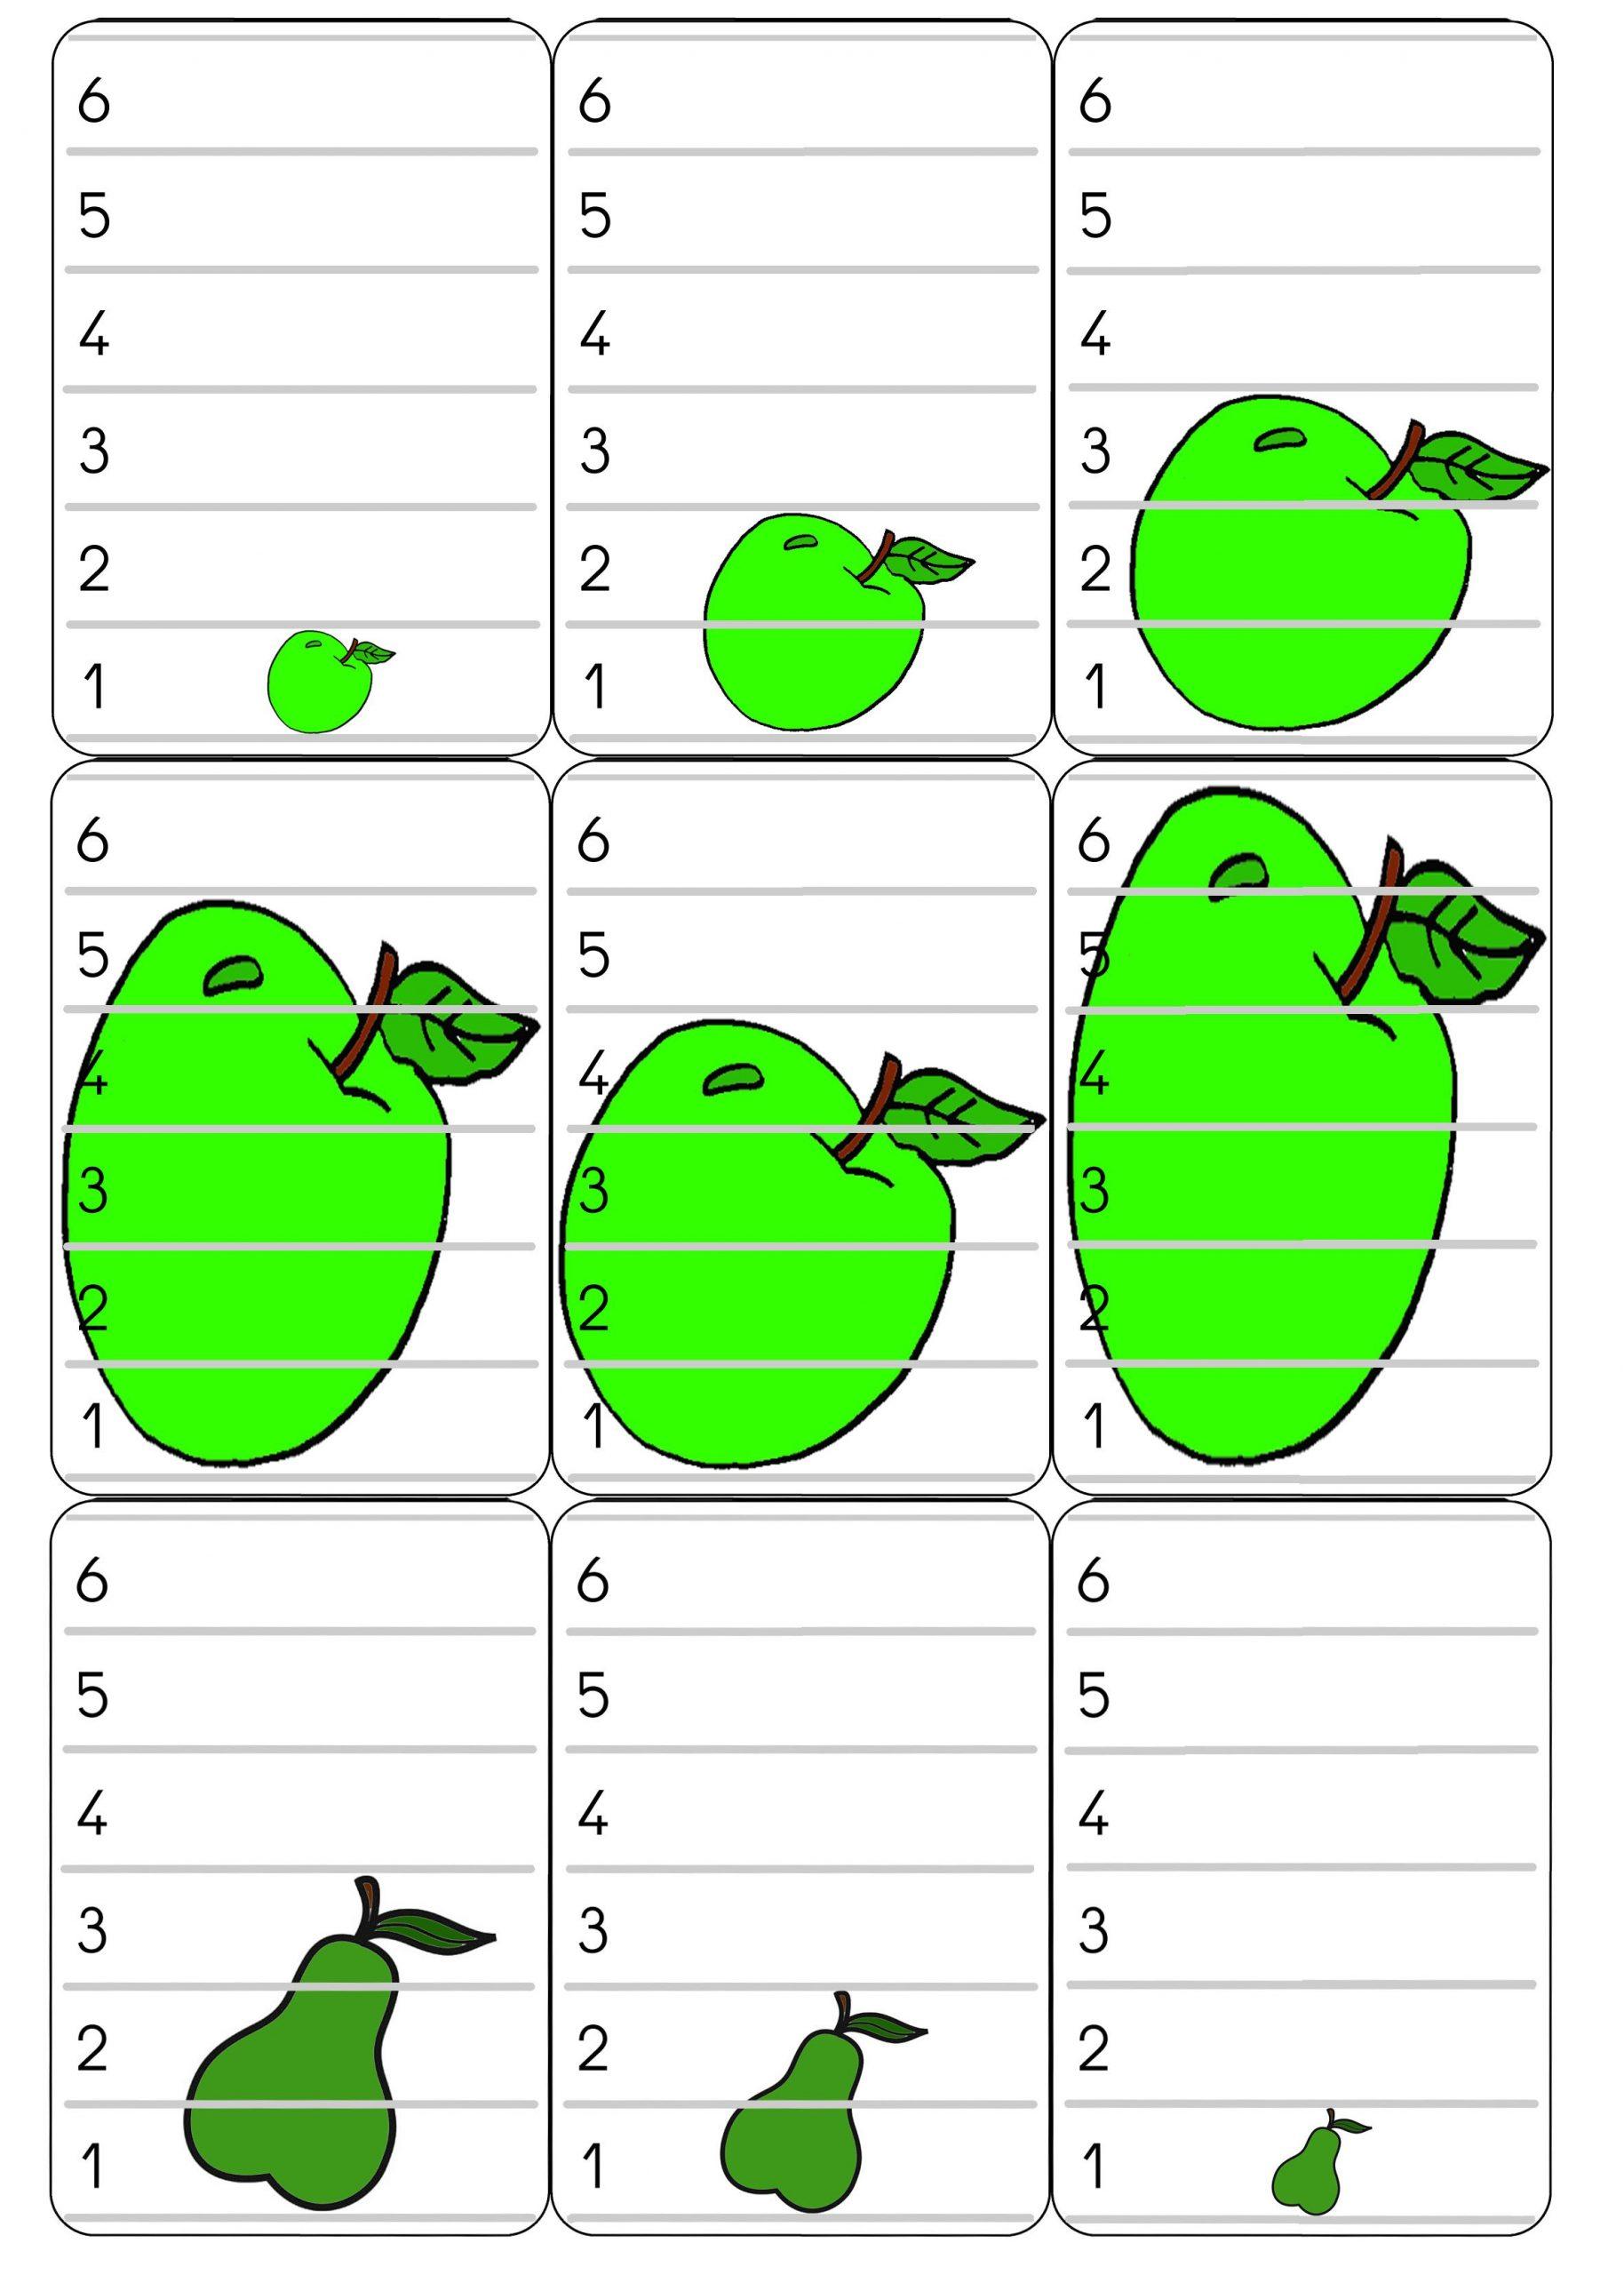 Bataille De Fruits | La Pomme En Maternelle, Jeux En Famille dedans Jeux Pedagogique Maternelle